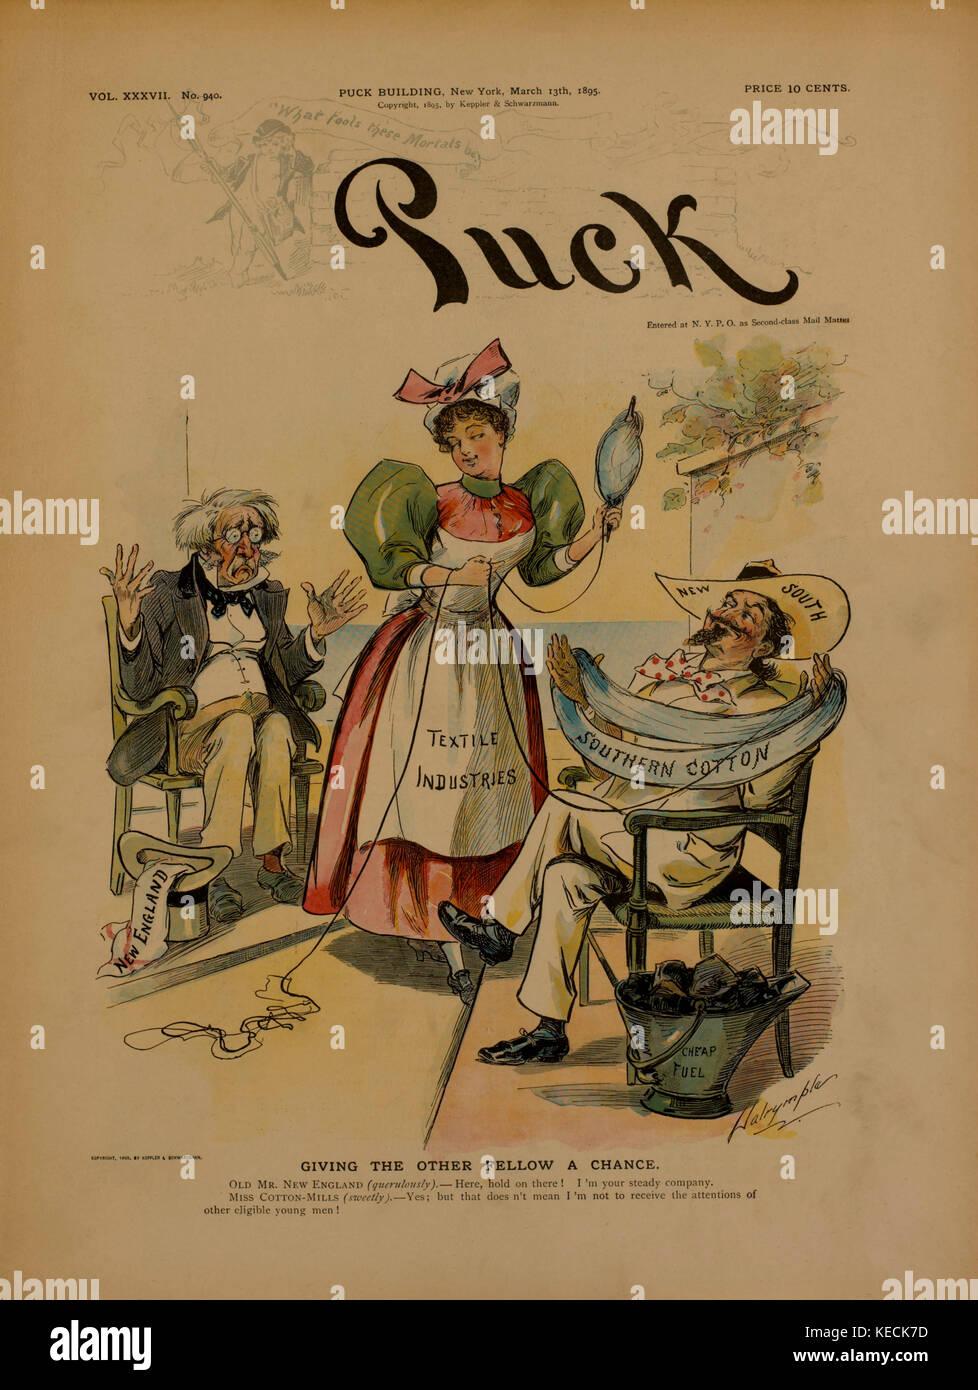 Caricatura Política, dando a los otros compañeros de la oportunidad, la portada de la revista puck, Marzo Imagen De Stock